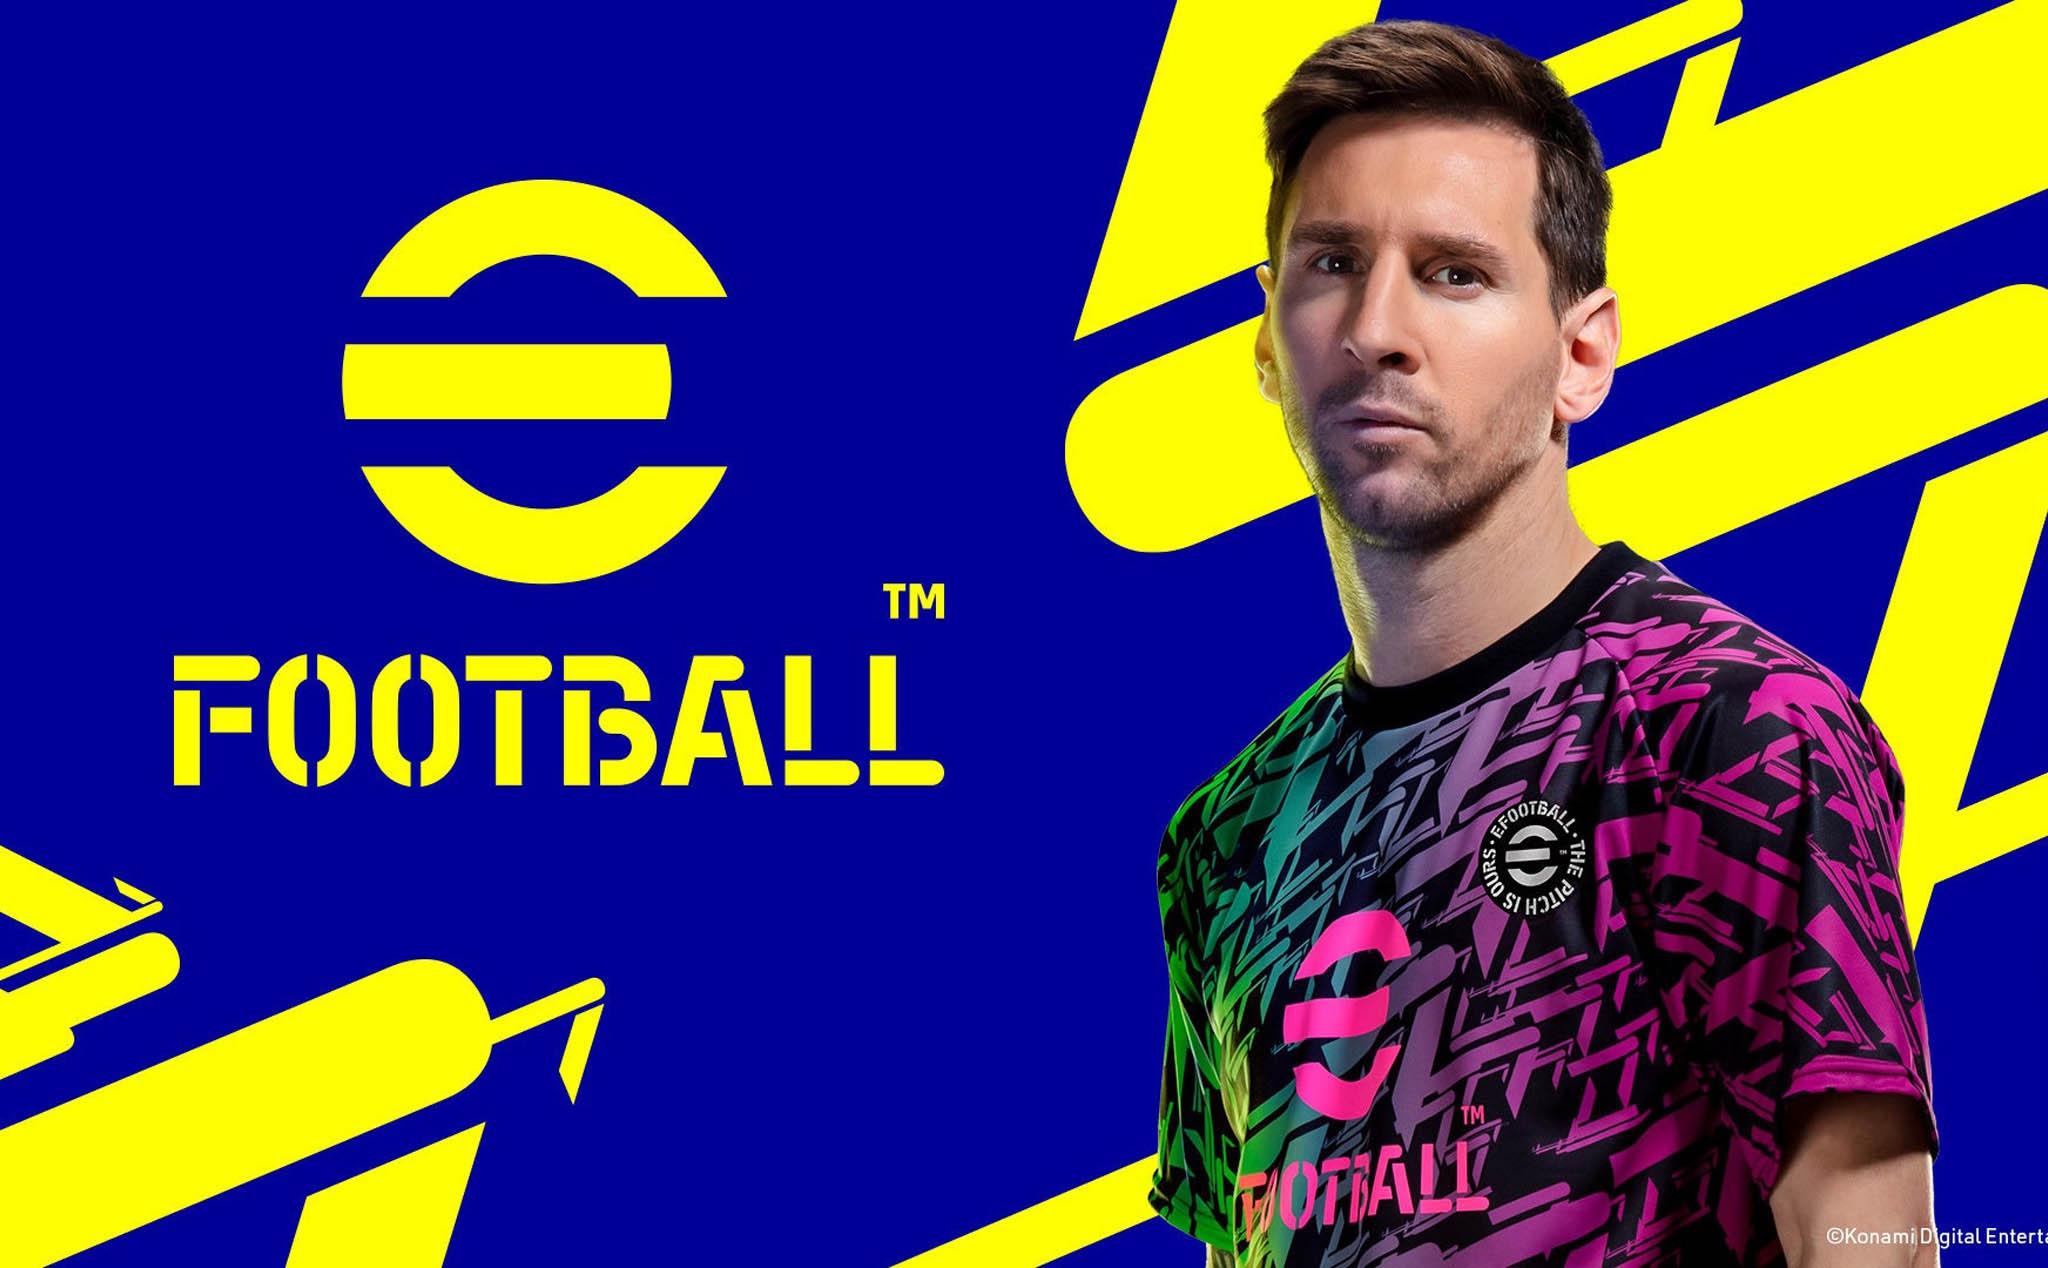 PES 2022 đổi tên thành eFootball, được phát hành miễn phí - ảnh 1